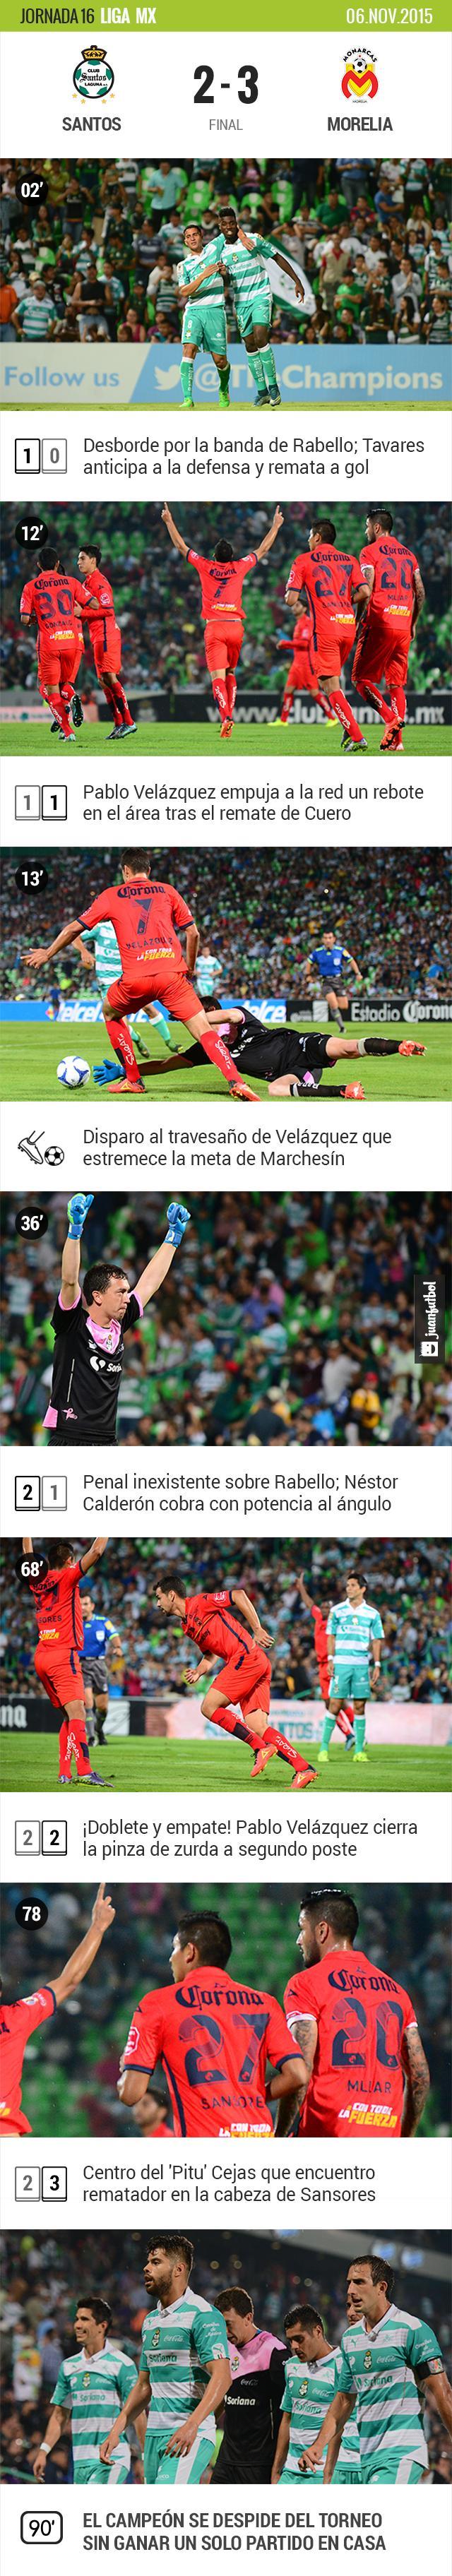 Santos 2-3 Monarcas